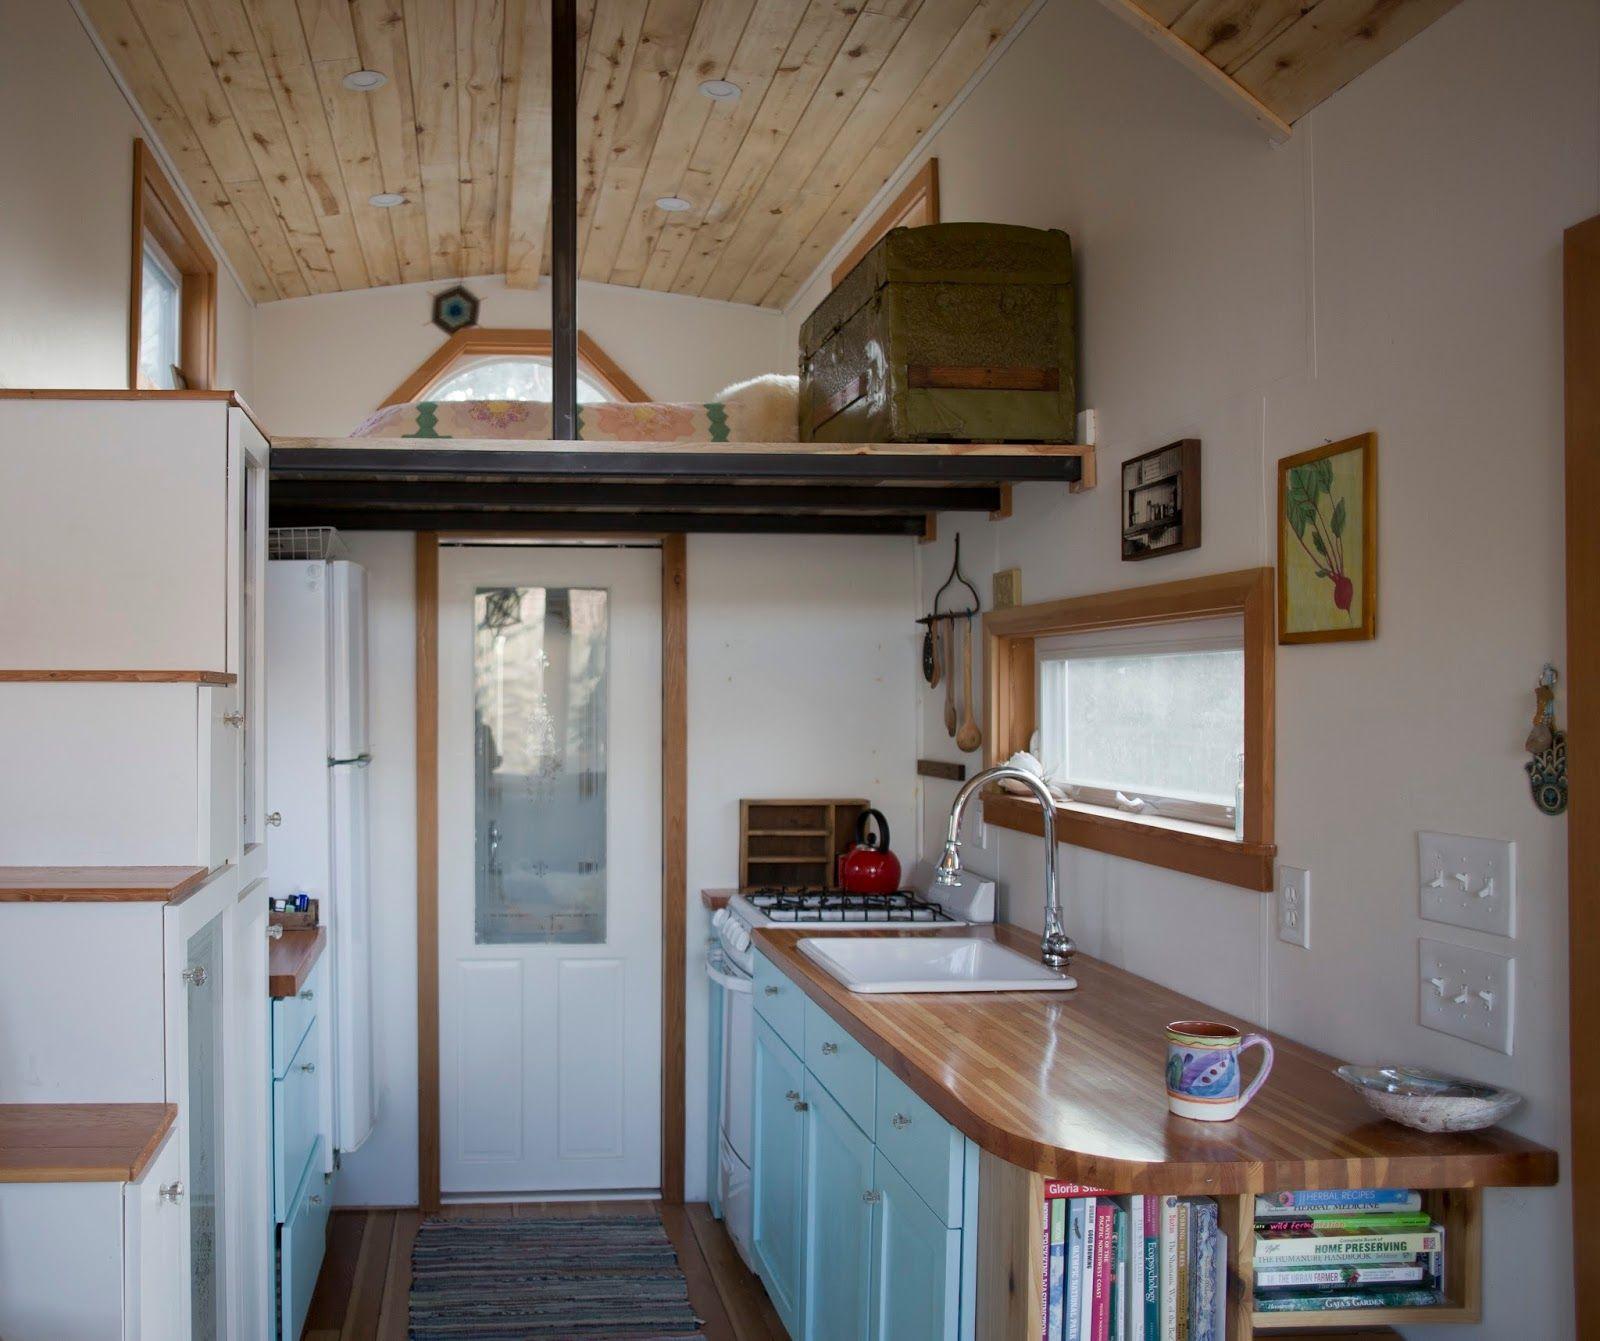 honey-house-tiny-home-4.JPG 1,600×1,341 pixels | Tiny | Pinterest ...